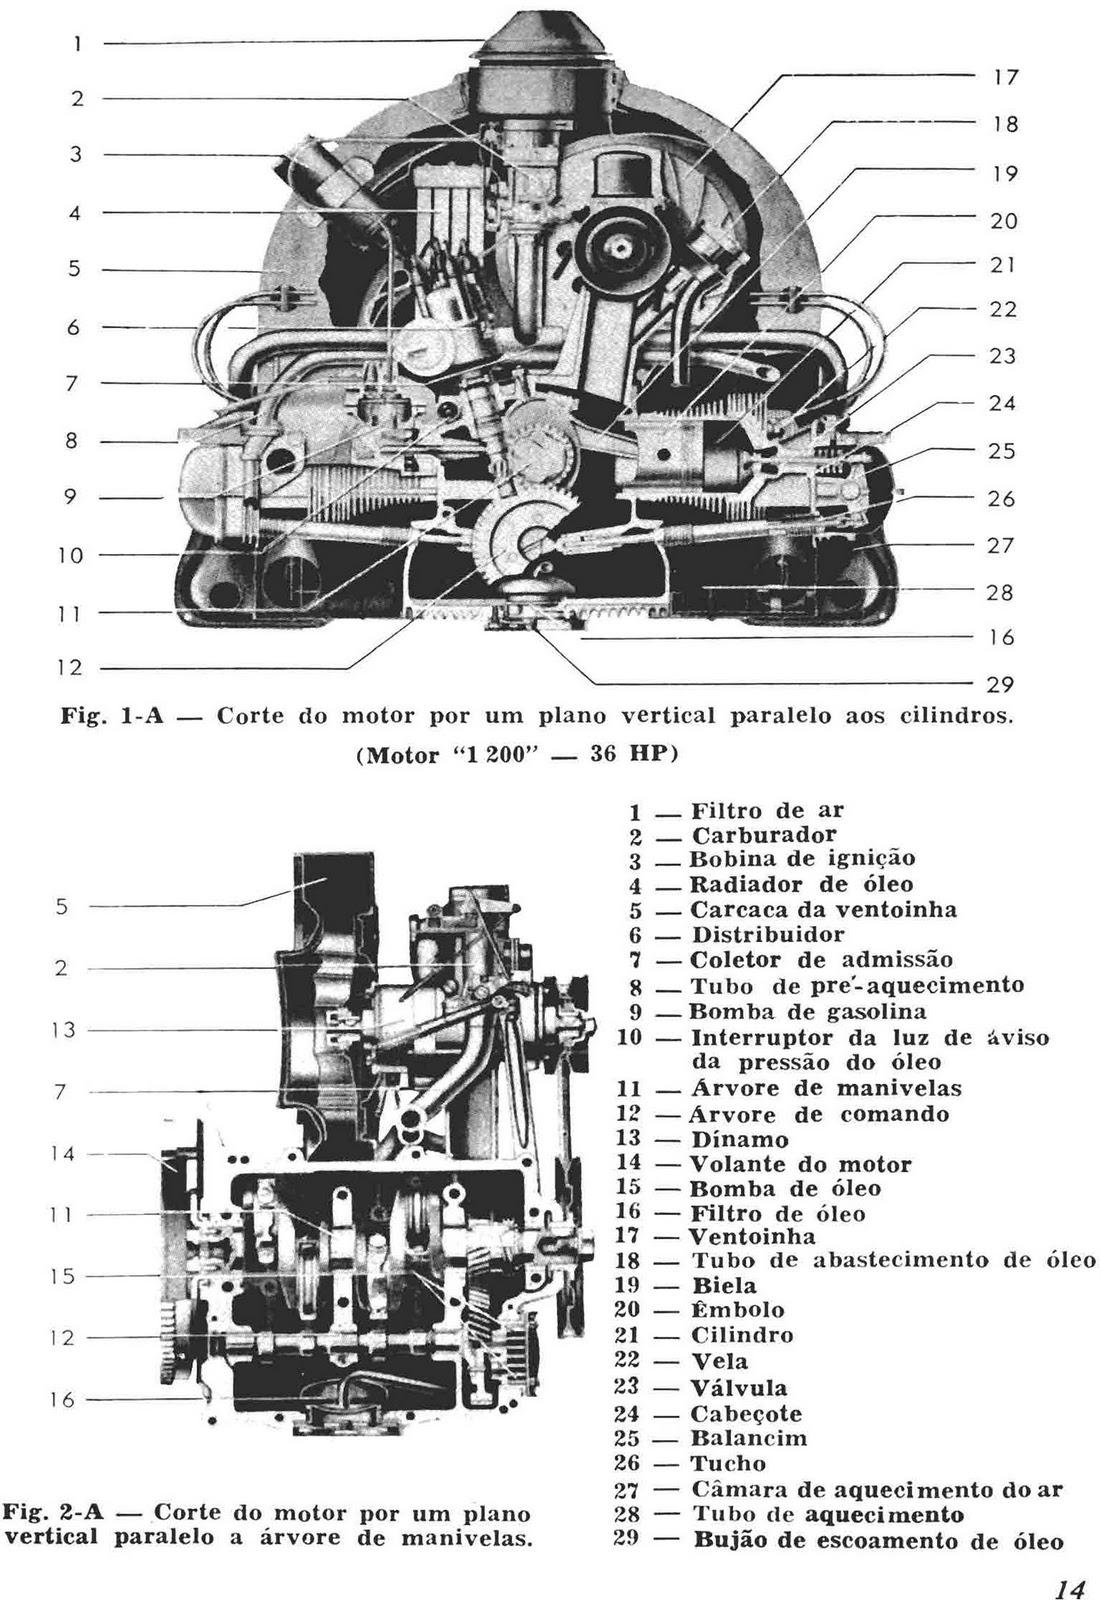 Fuskeiros De Estacao Durabilidade Do Motor Vw A Ar